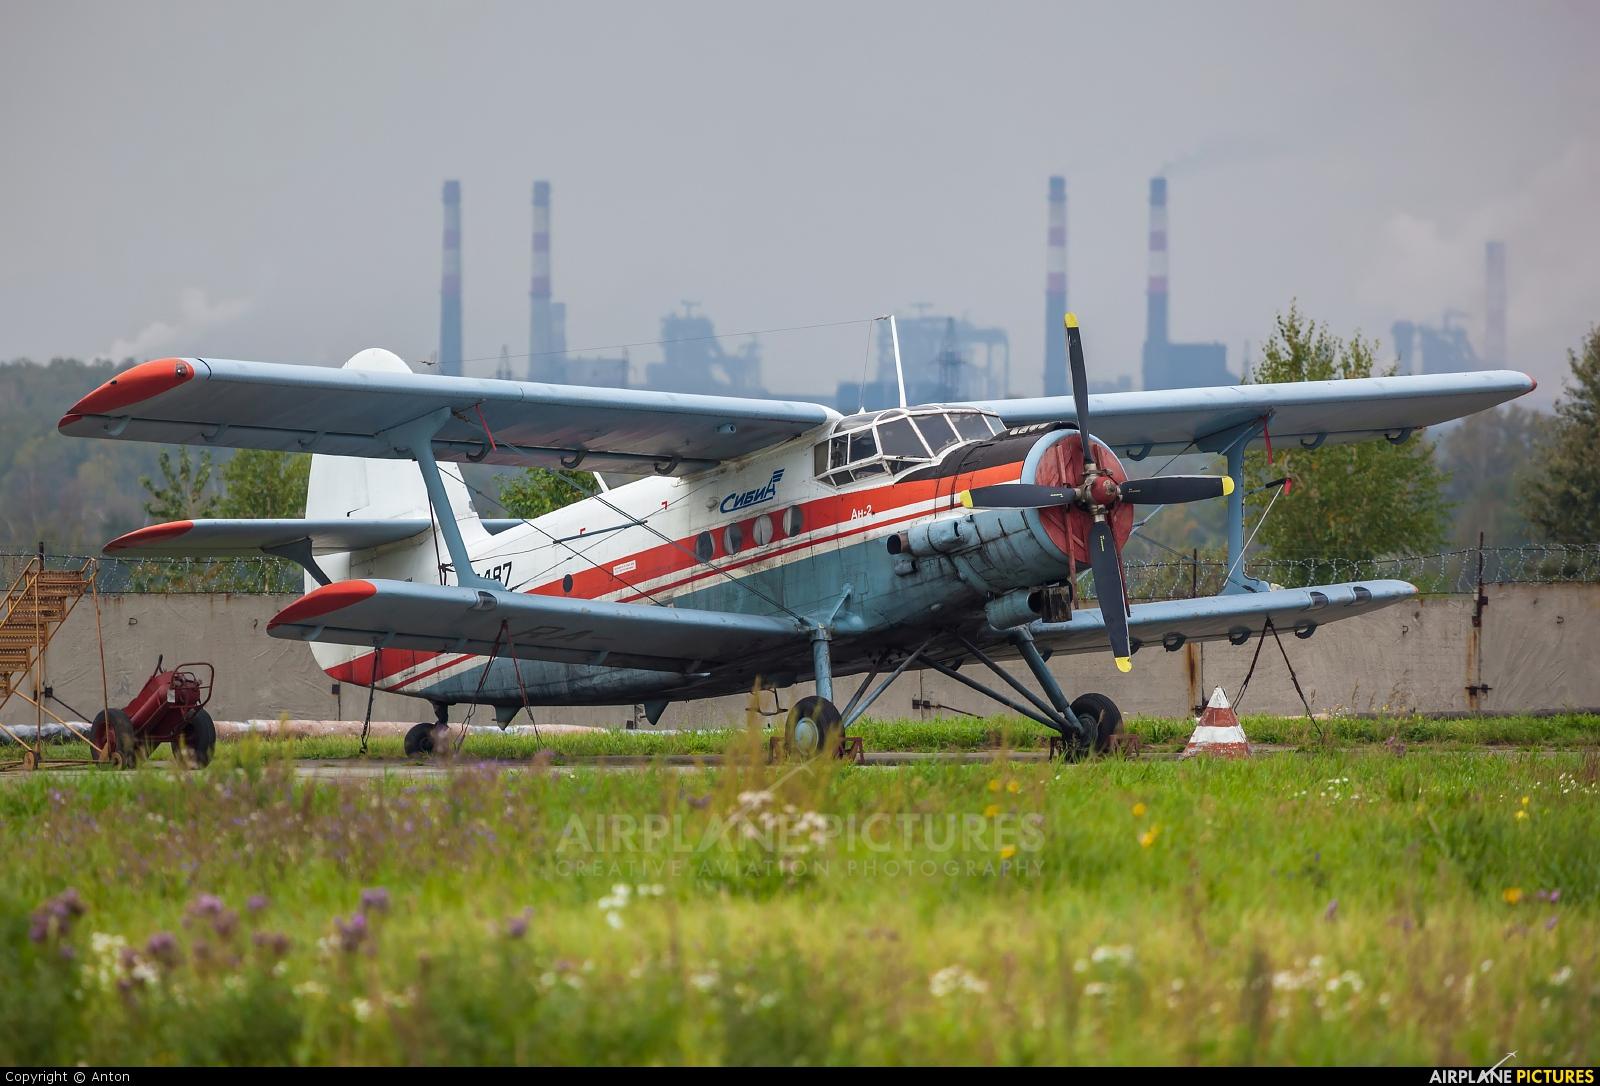 Sibia RA-40487 aircraft at Chelyabinsk